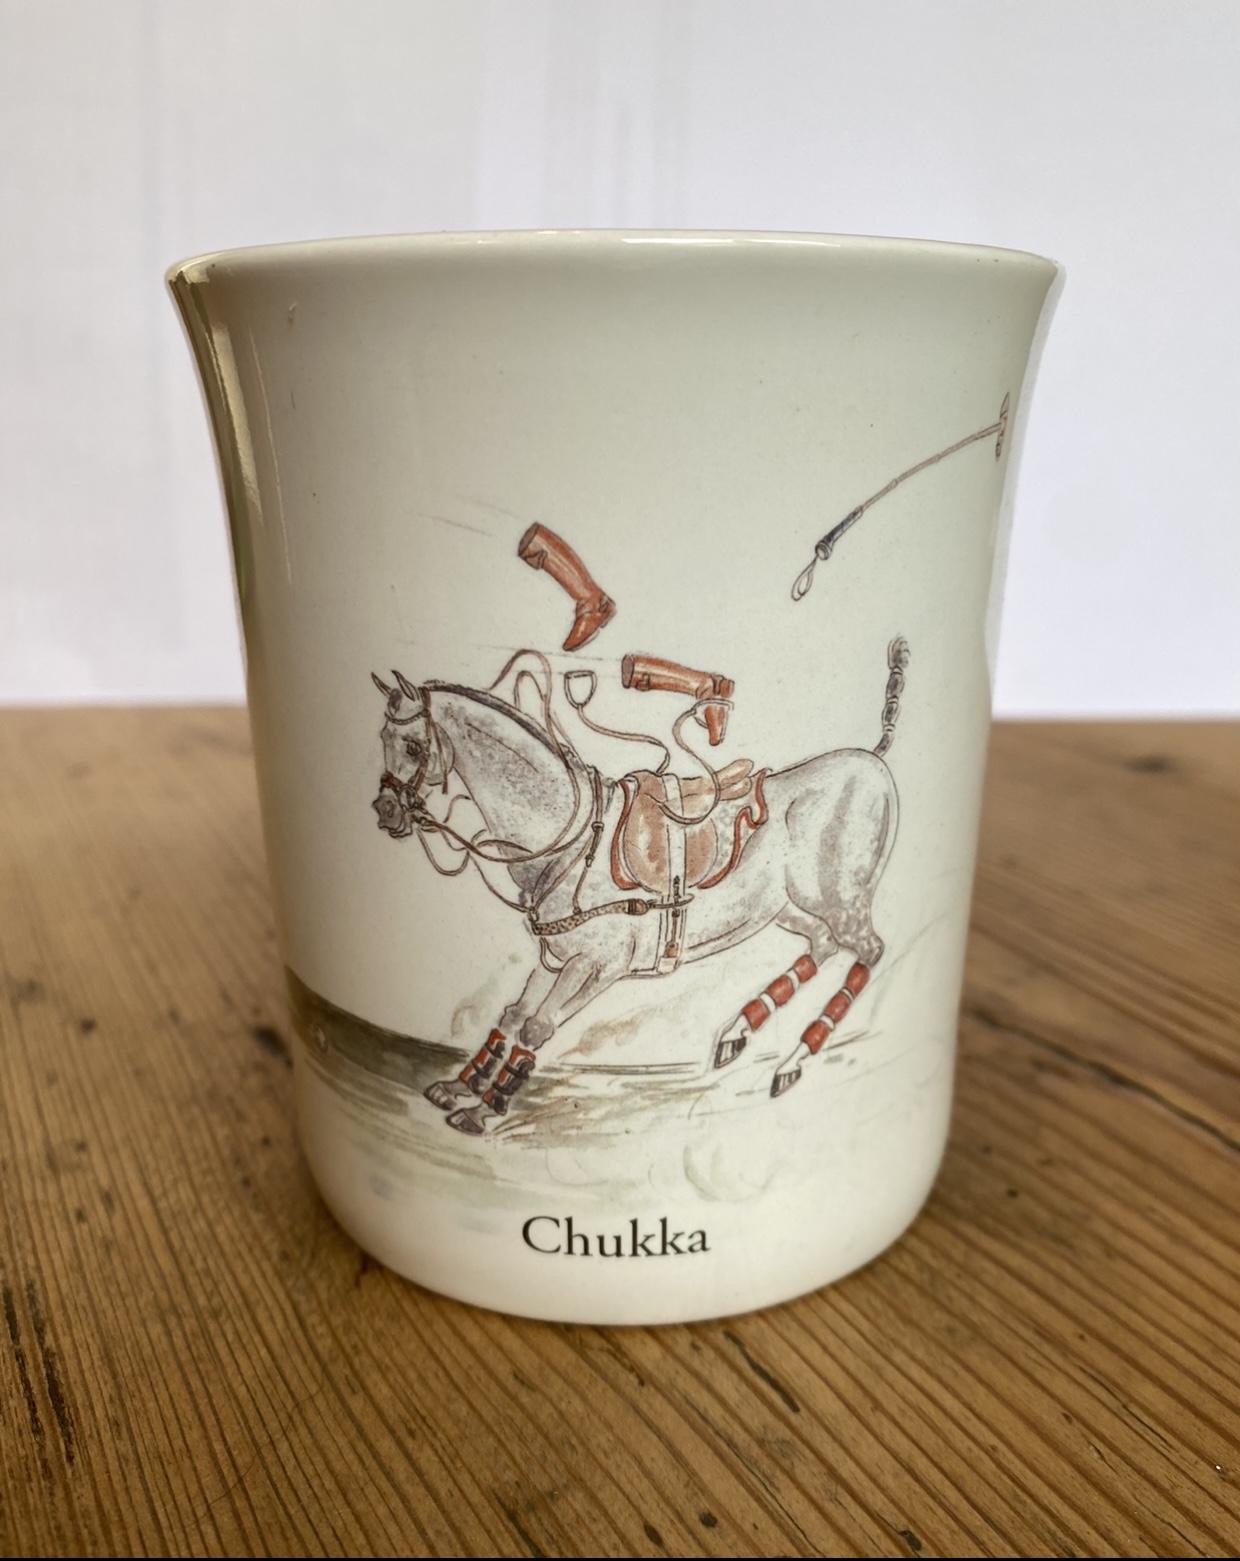 Limited Edition Chukka Mug